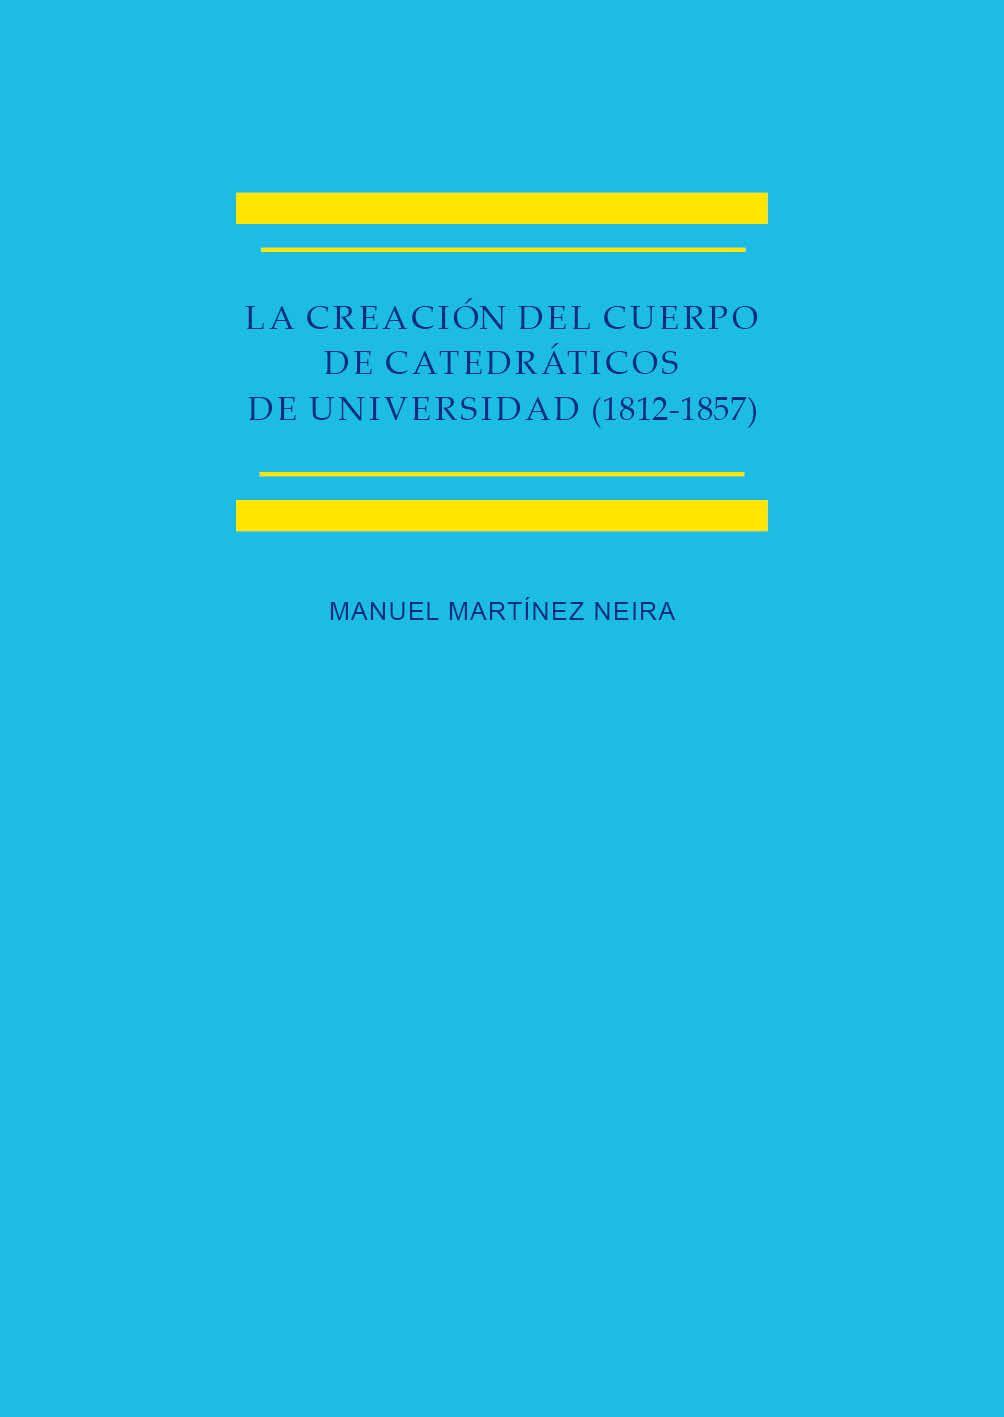 La creación del cuerpo de catedráticos de universidad (1812-1857) : estudio histórico-jurídico / Manuel Martínez Neira